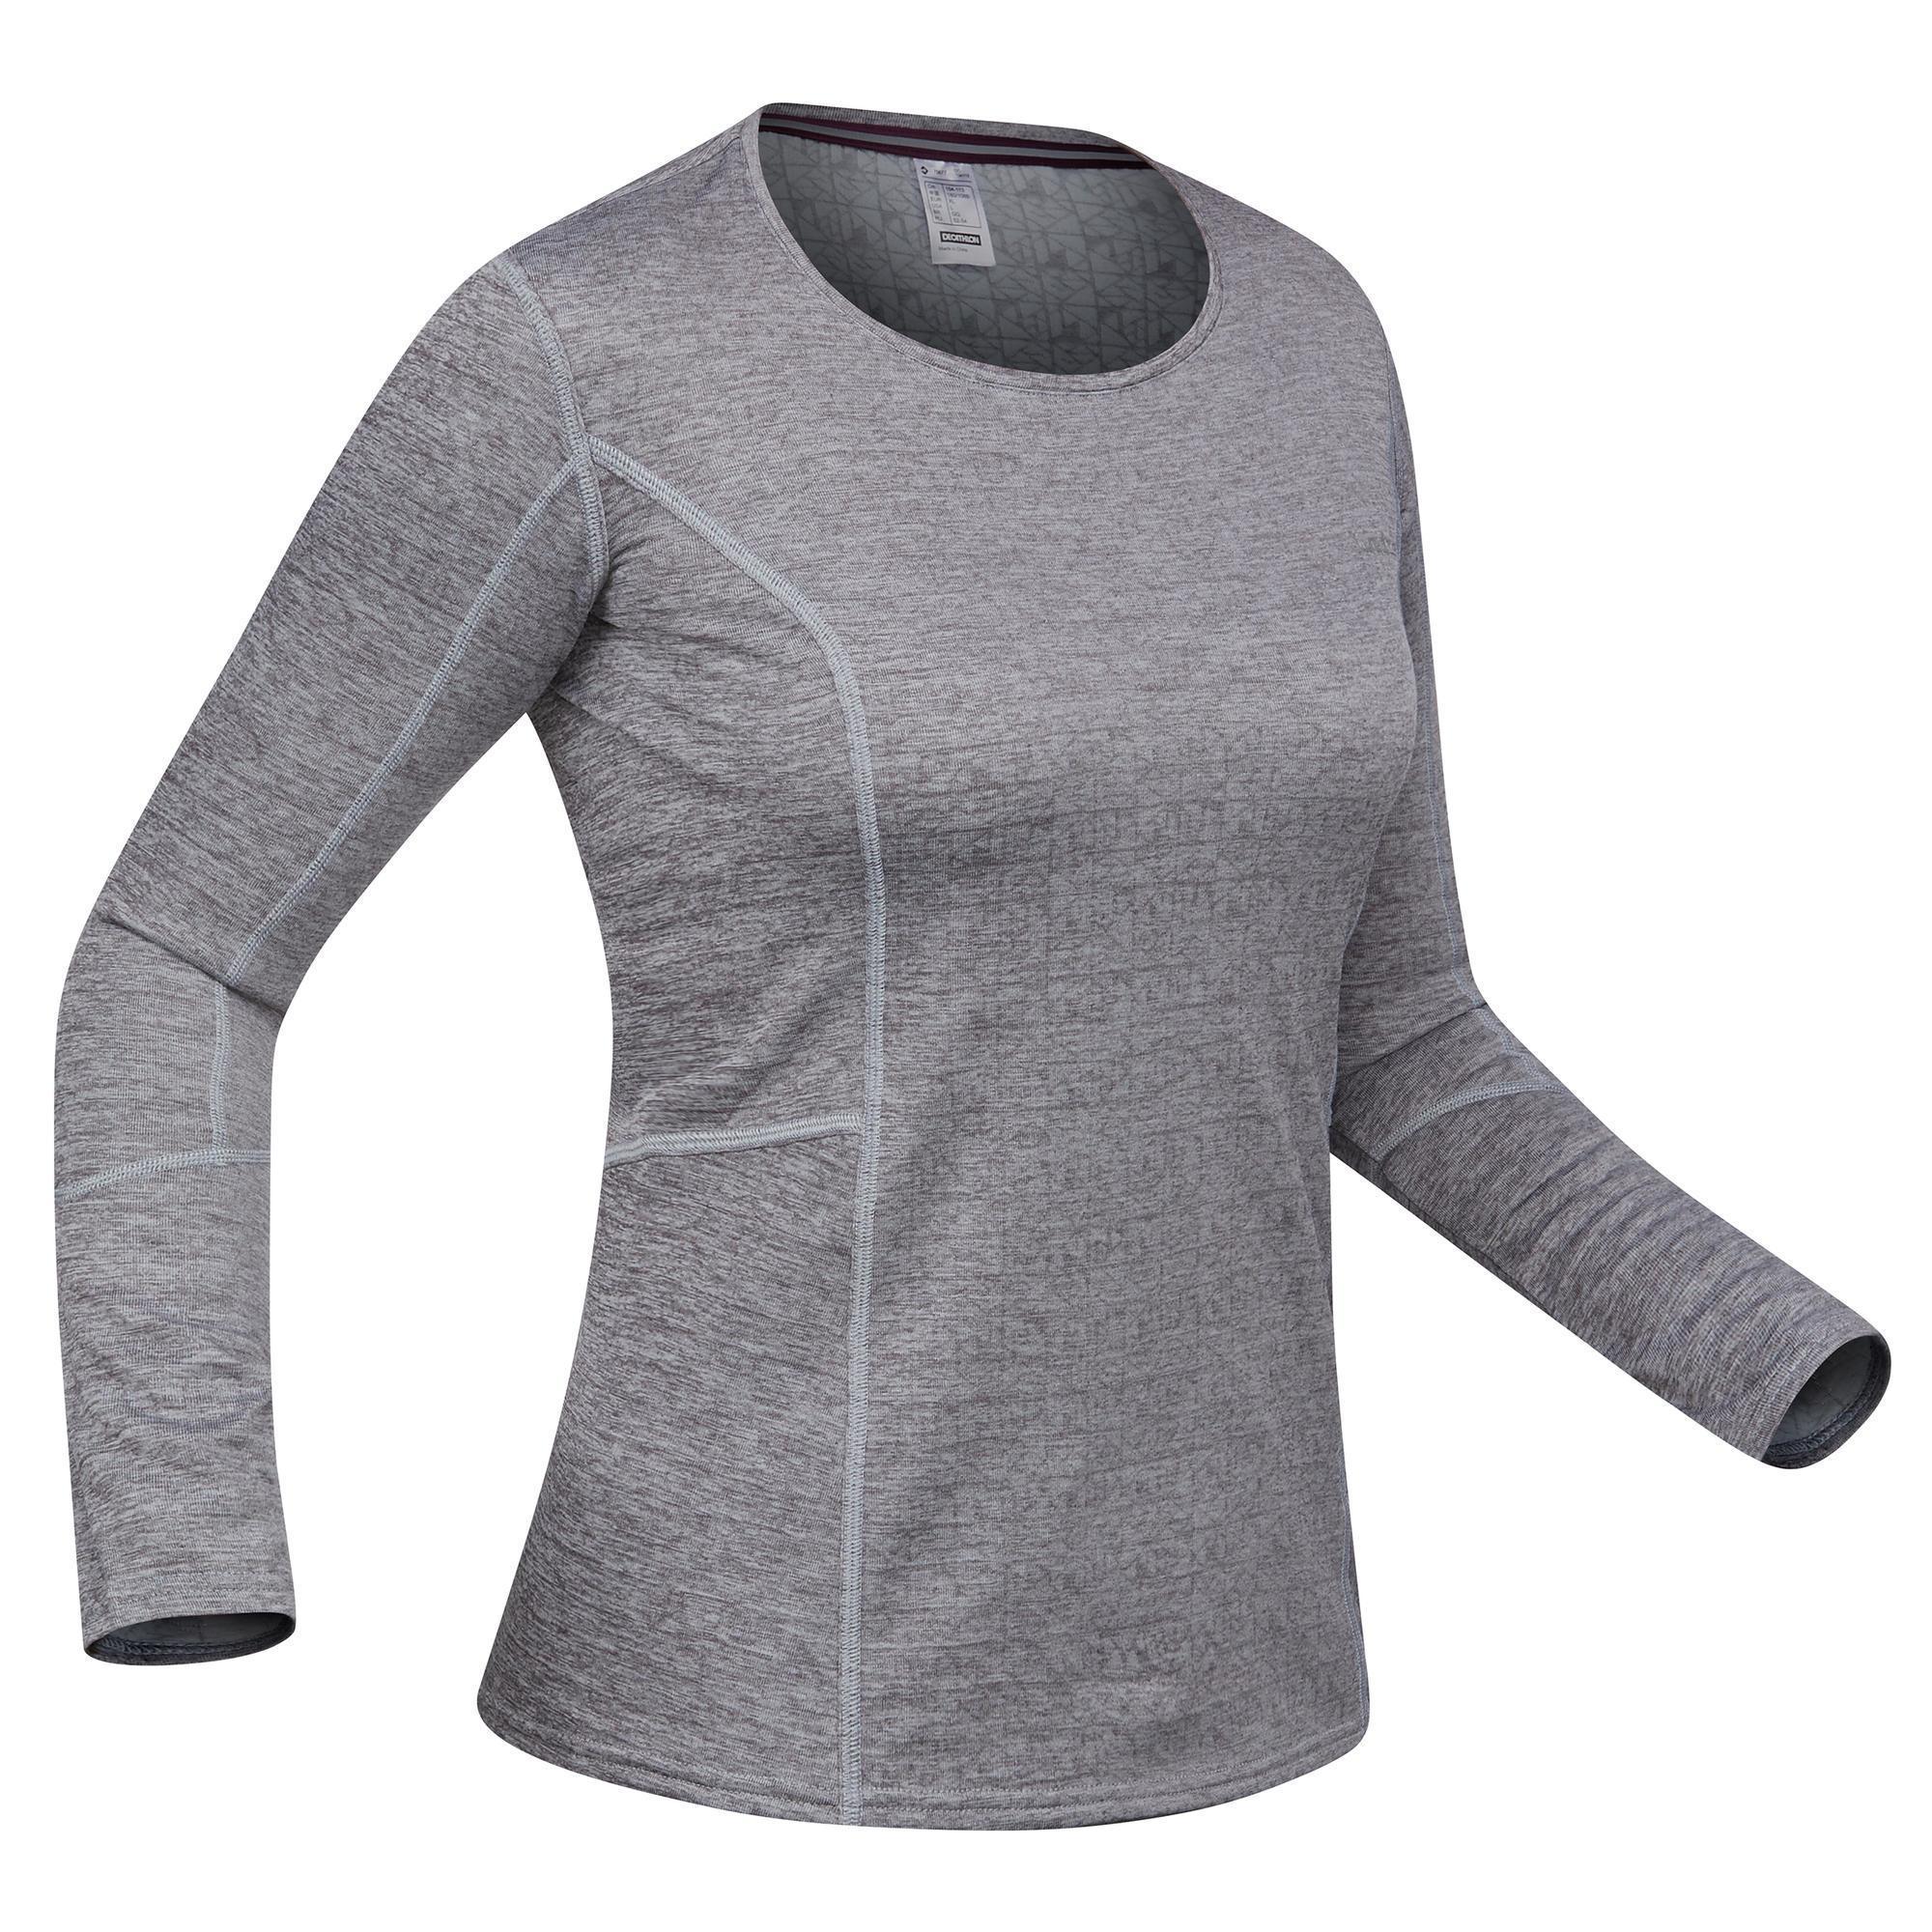 Skiunterhemd 500 Damen grau | Sportbekleidung > Funktionswäsche > Thermounterwäsche | Wed'ze